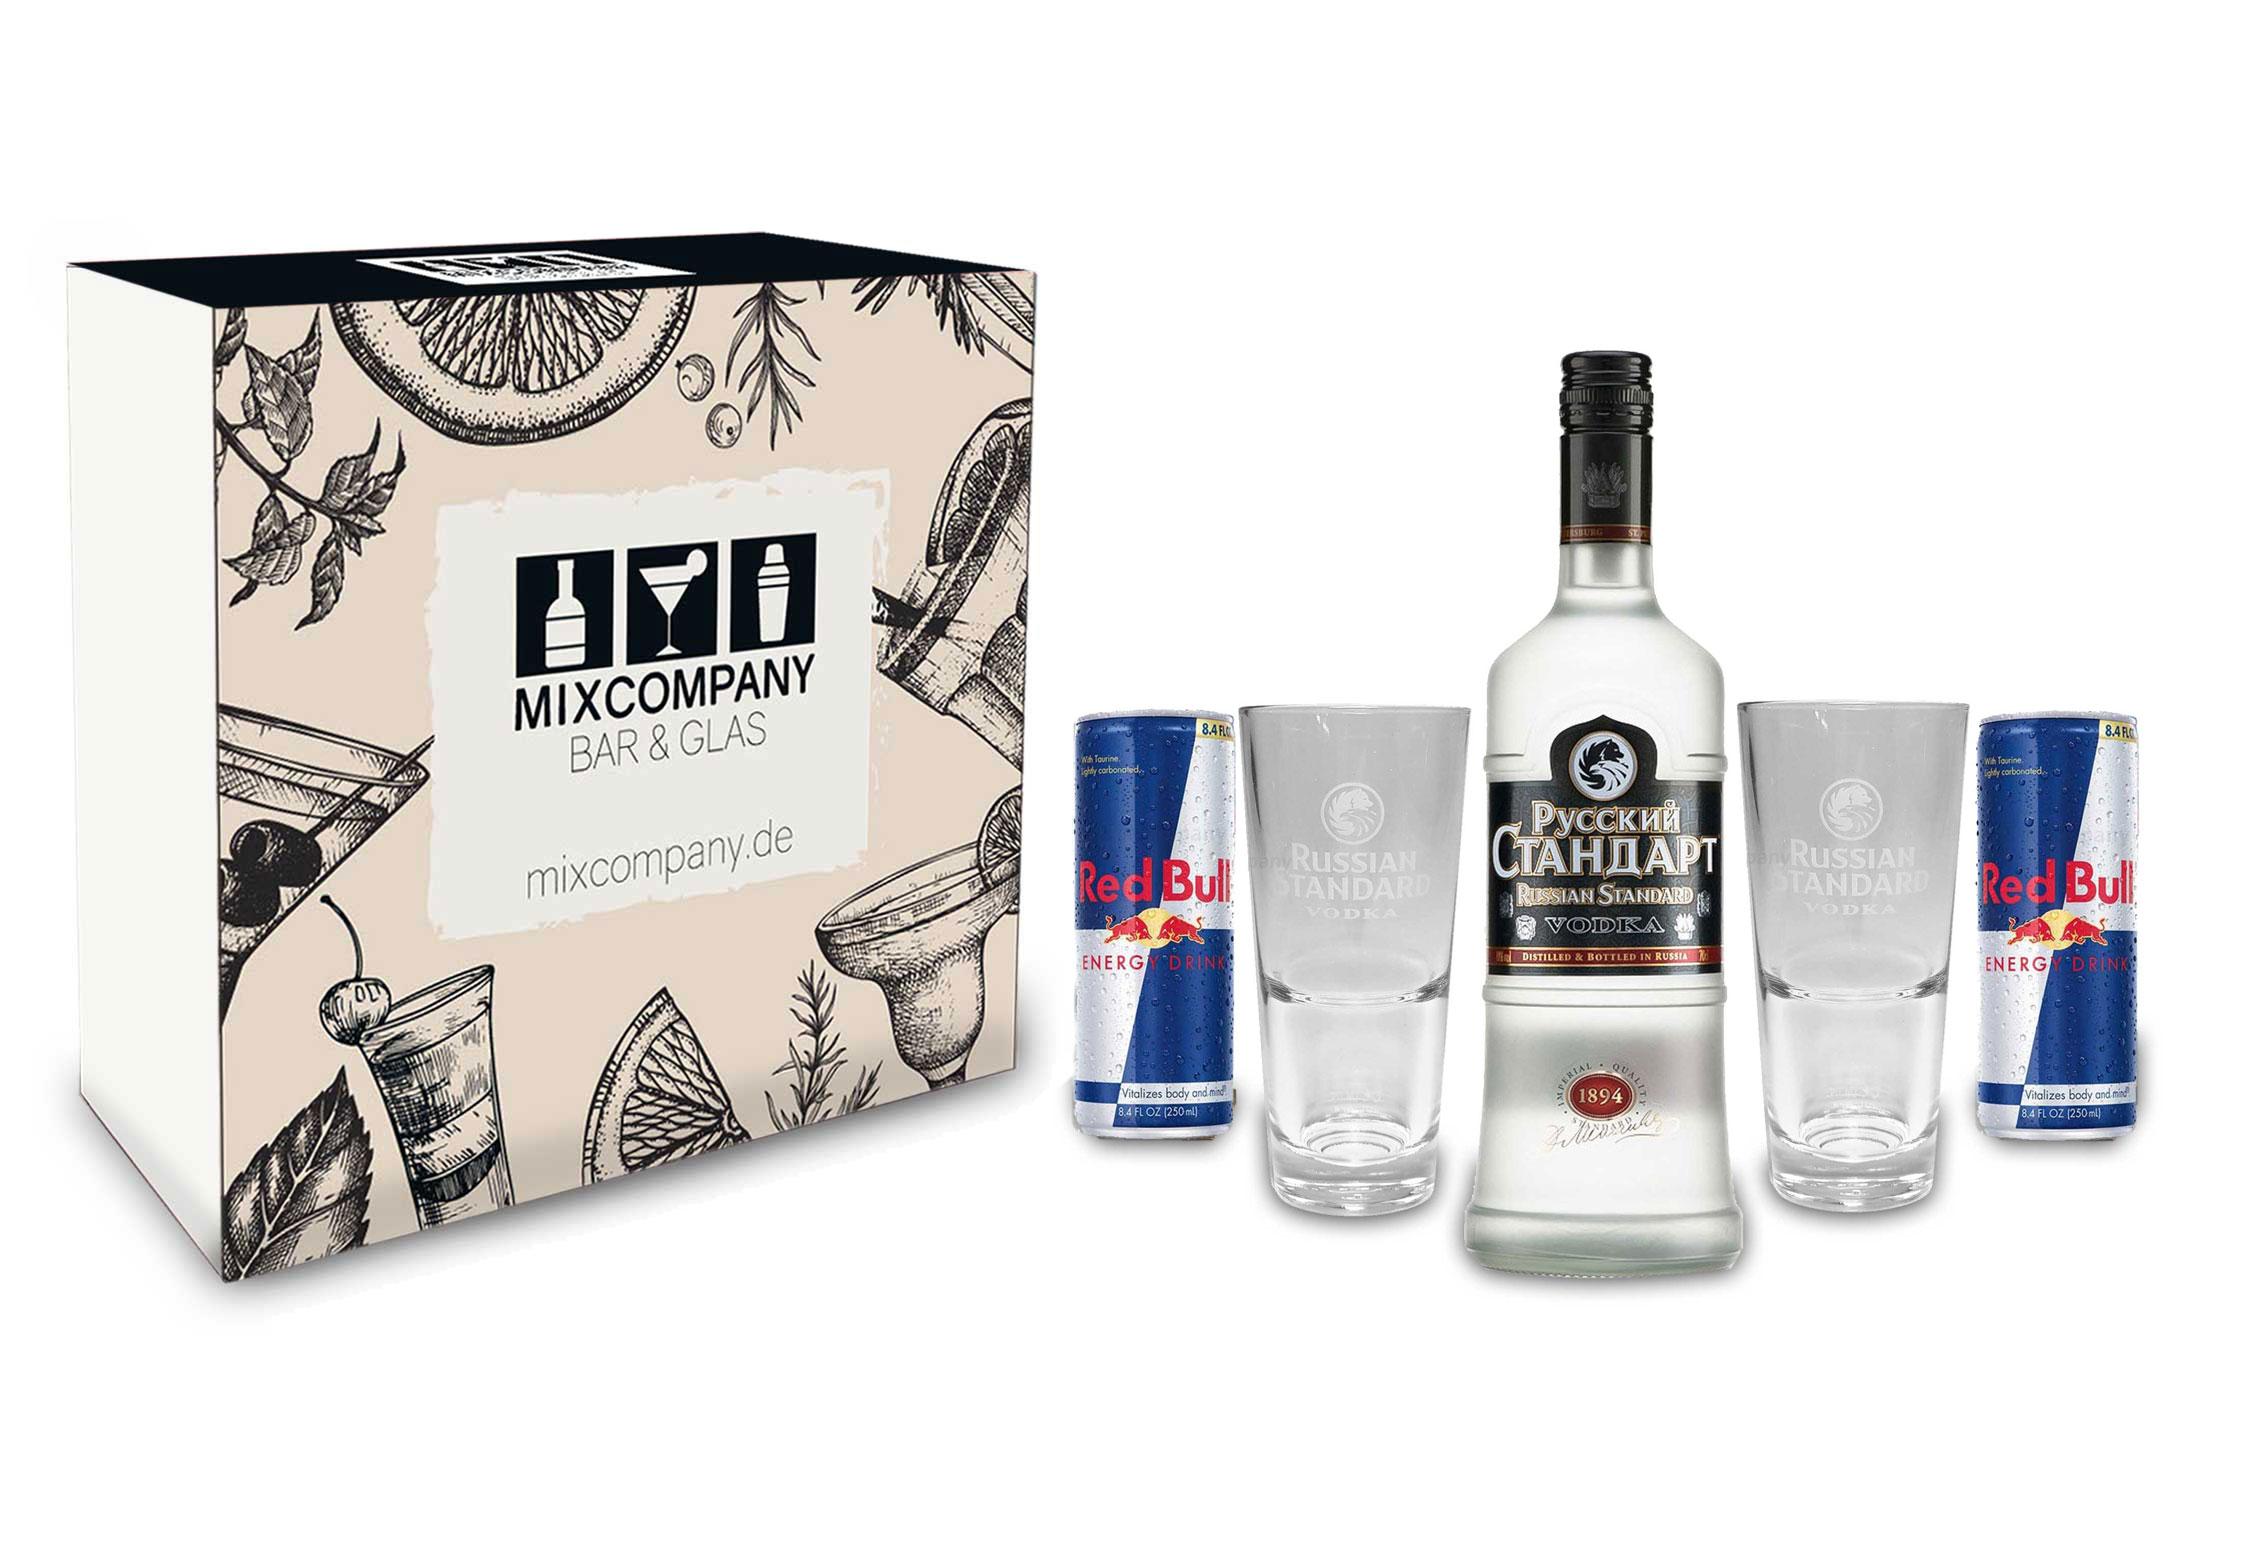 Russian Standard Vodka Set / Geschenkset -Russian Standard Vodka 0,7l 700ml (40% Vol) + 2x Gläser + 2x Red Bull 250ml - Inkl. Pfand EINWEG